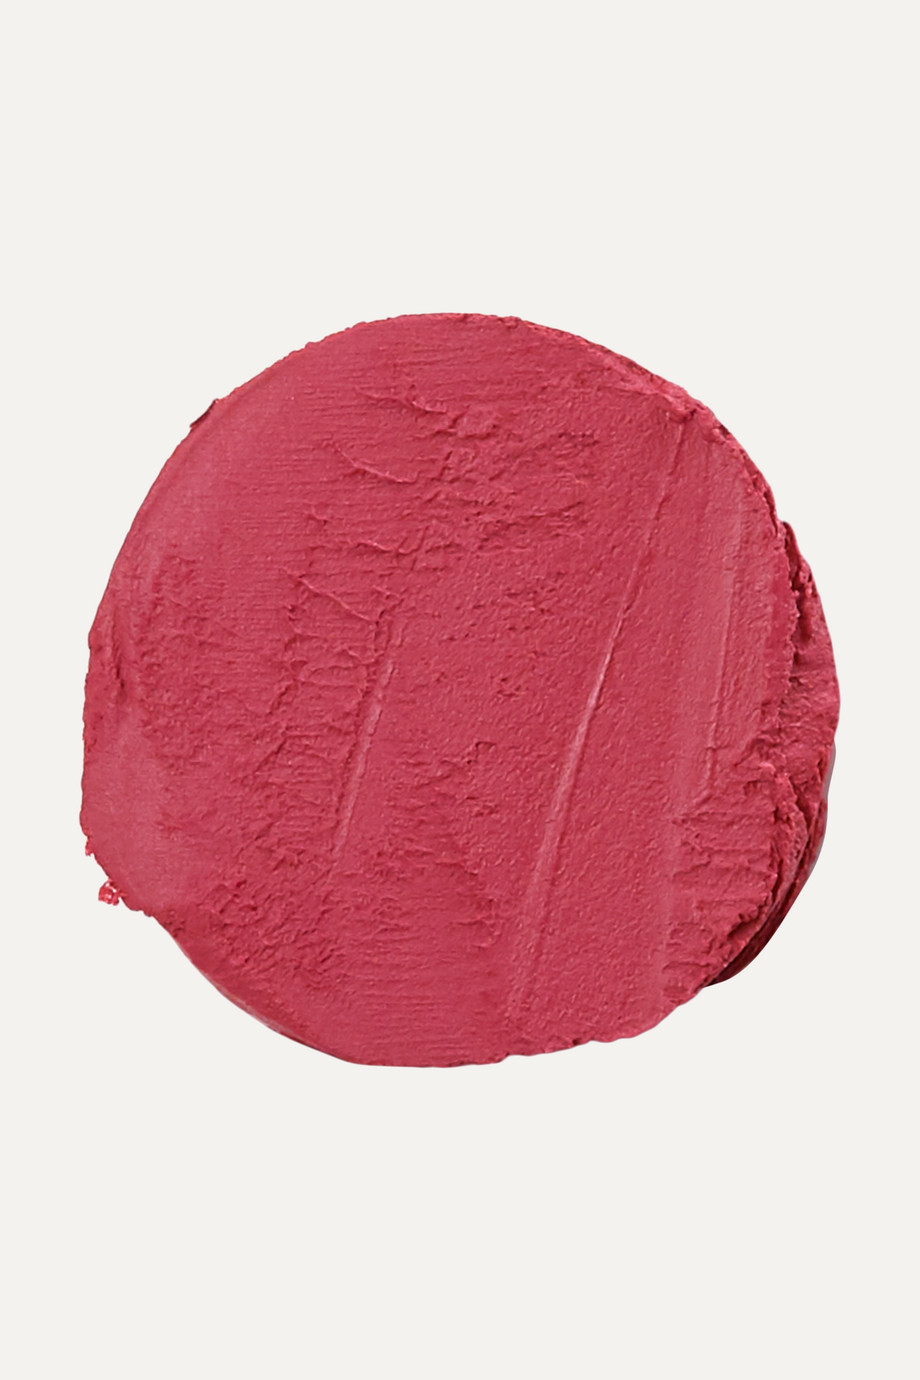 Huda Beauty Power Bullet Matte Lipstick - Spring Break